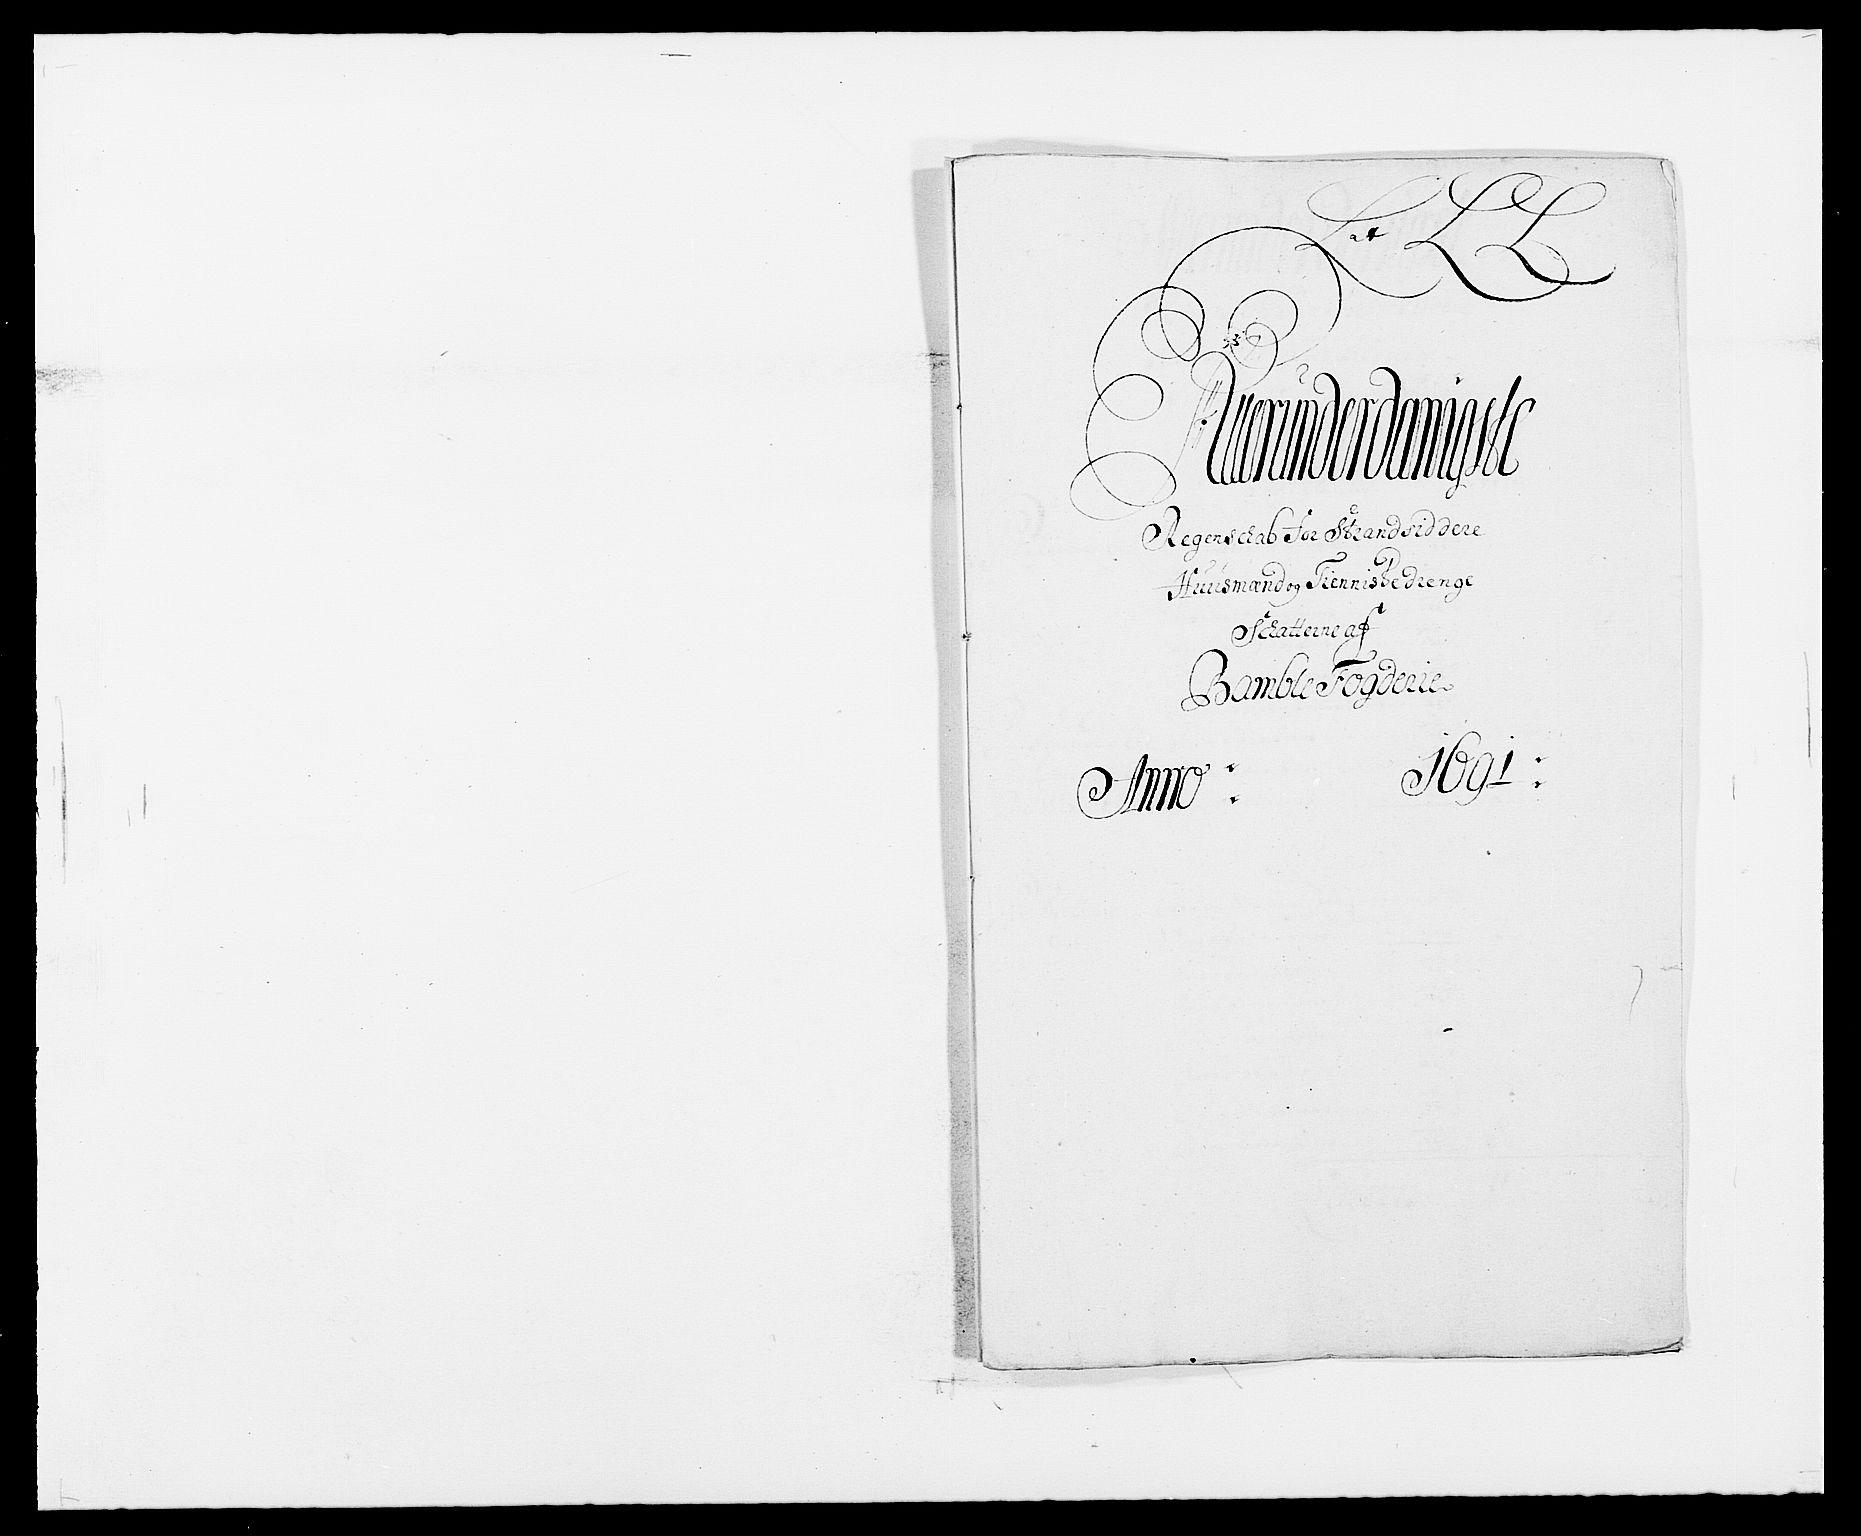 RA, Rentekammeret inntil 1814, Reviderte regnskaper, Fogderegnskap, R34/L2051: Fogderegnskap Bamble, 1688-1691, s. 204